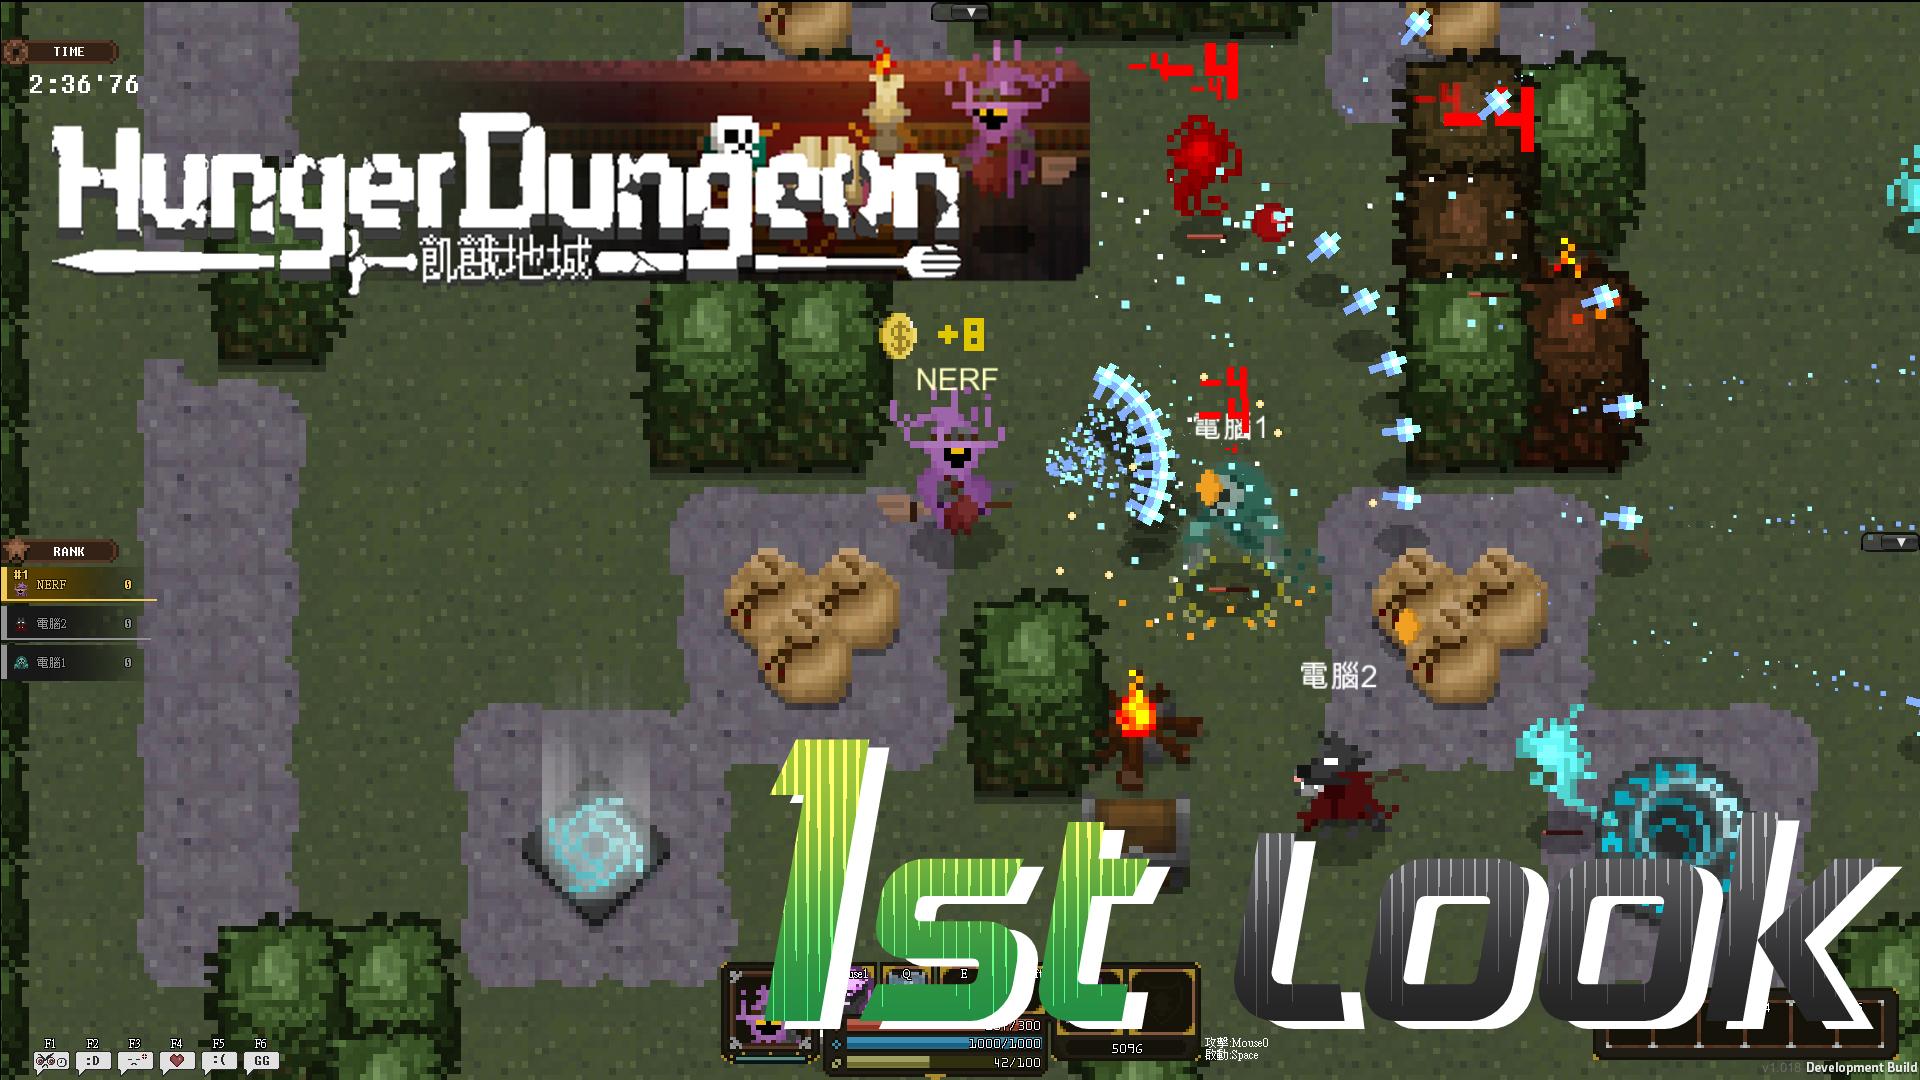 Hunger Dungeon Thumbnail